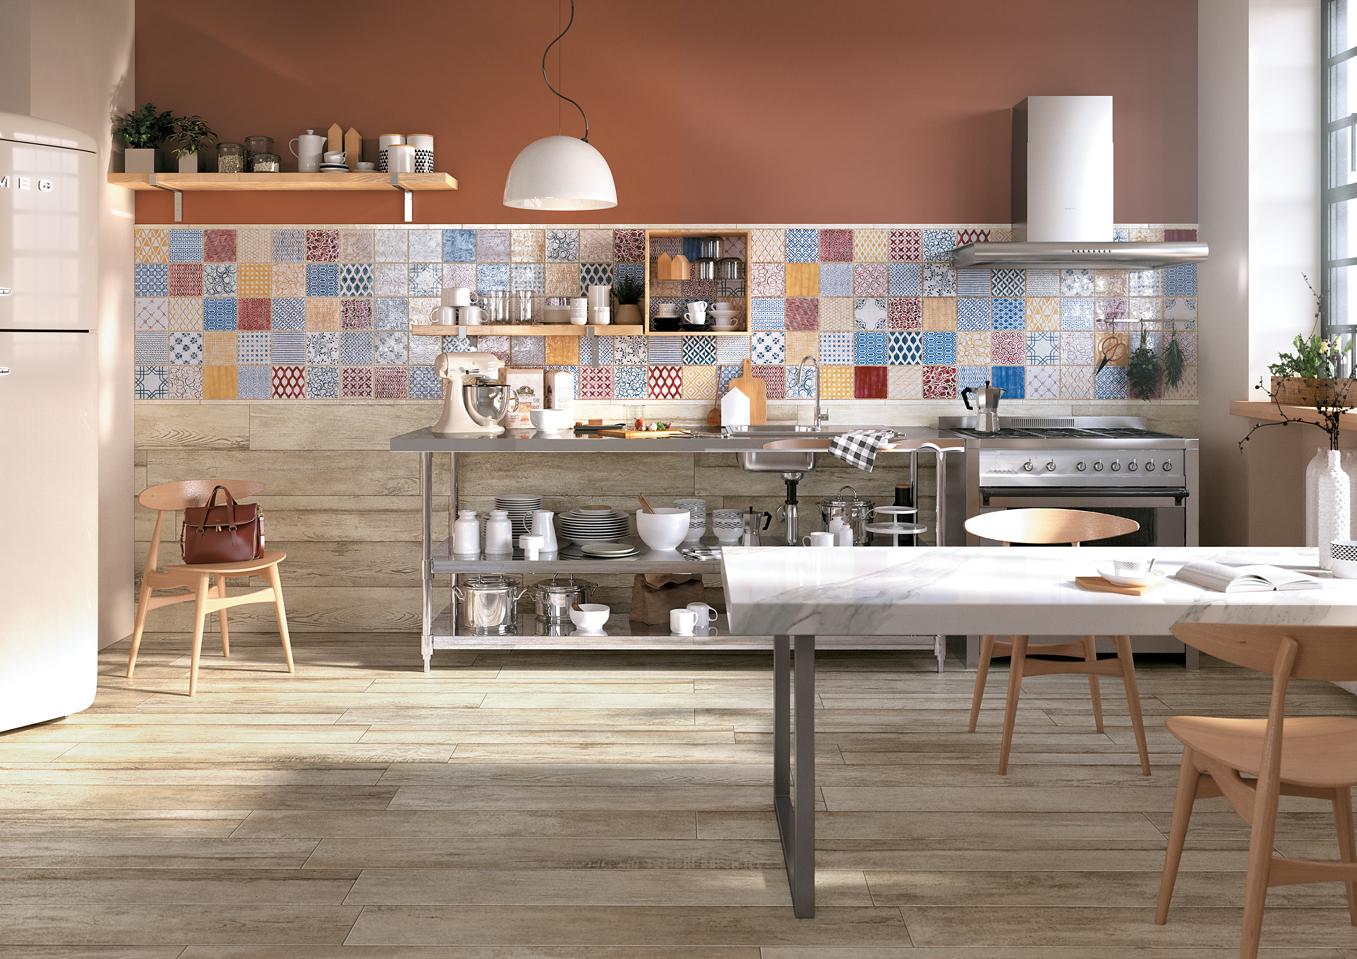 Maioliche di sant 39 antonio mix hmade mirage for Maioliche cucina